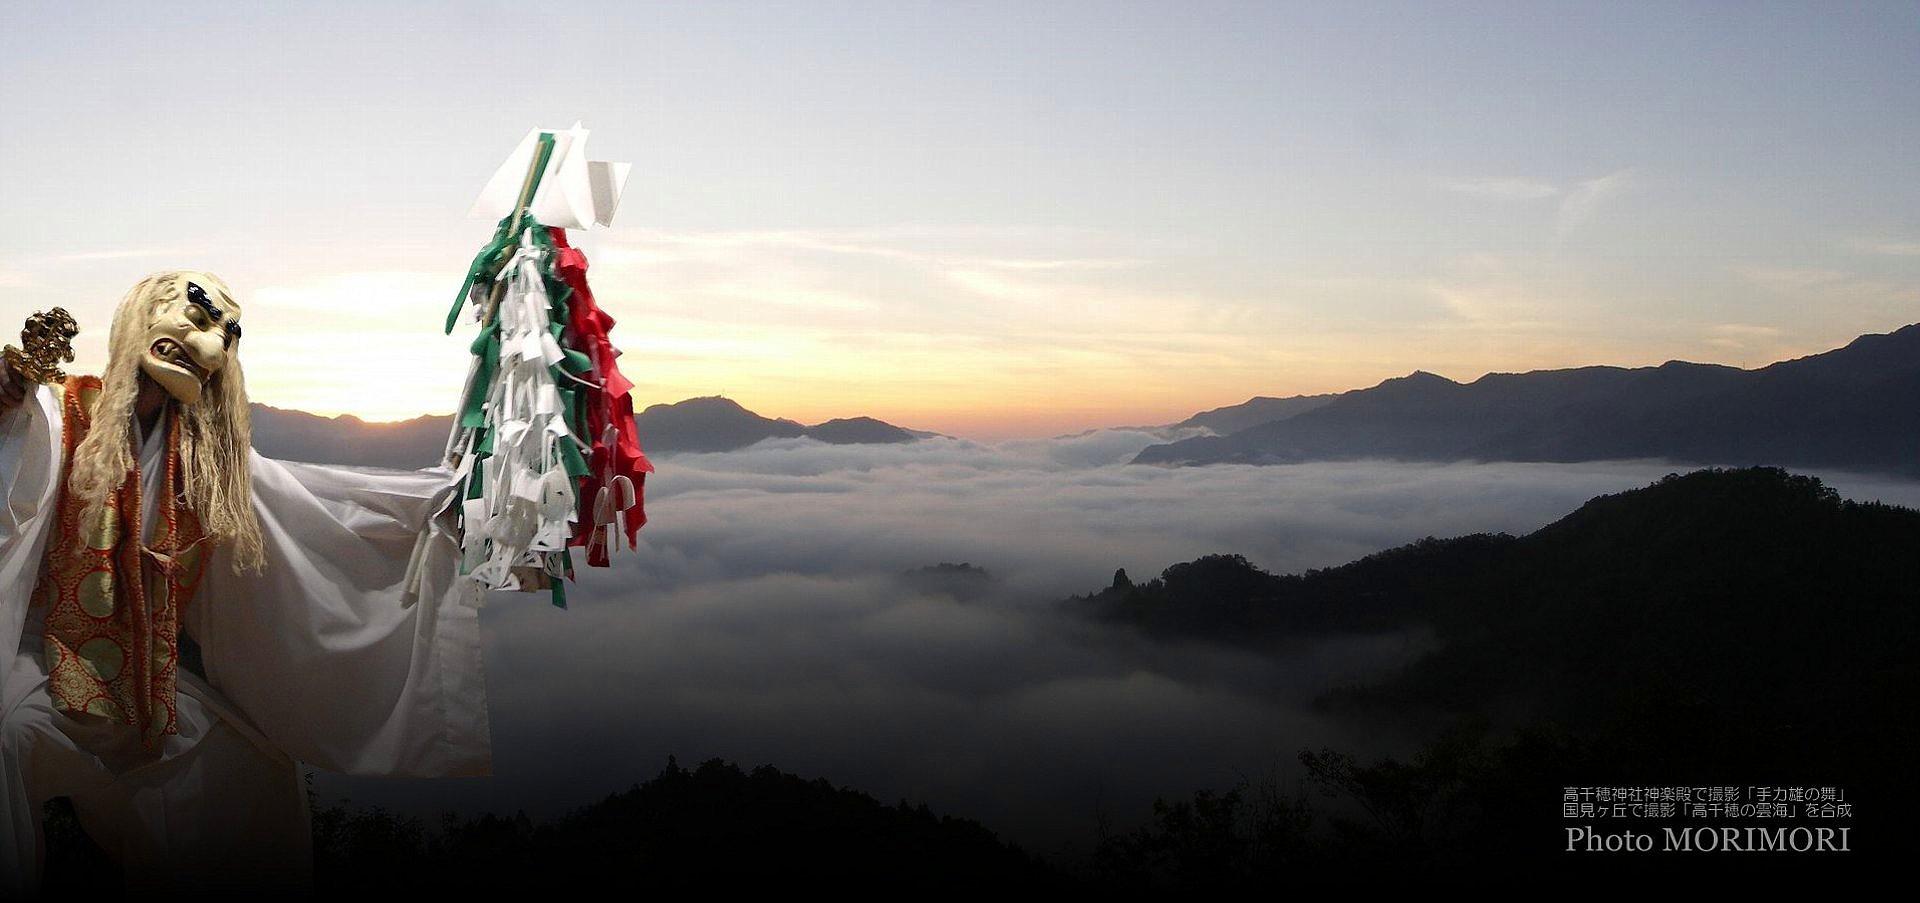 高千穂神楽 手力雄(たぢからお)の舞と高千穂の雲海をコラージュ(合成)したもの。